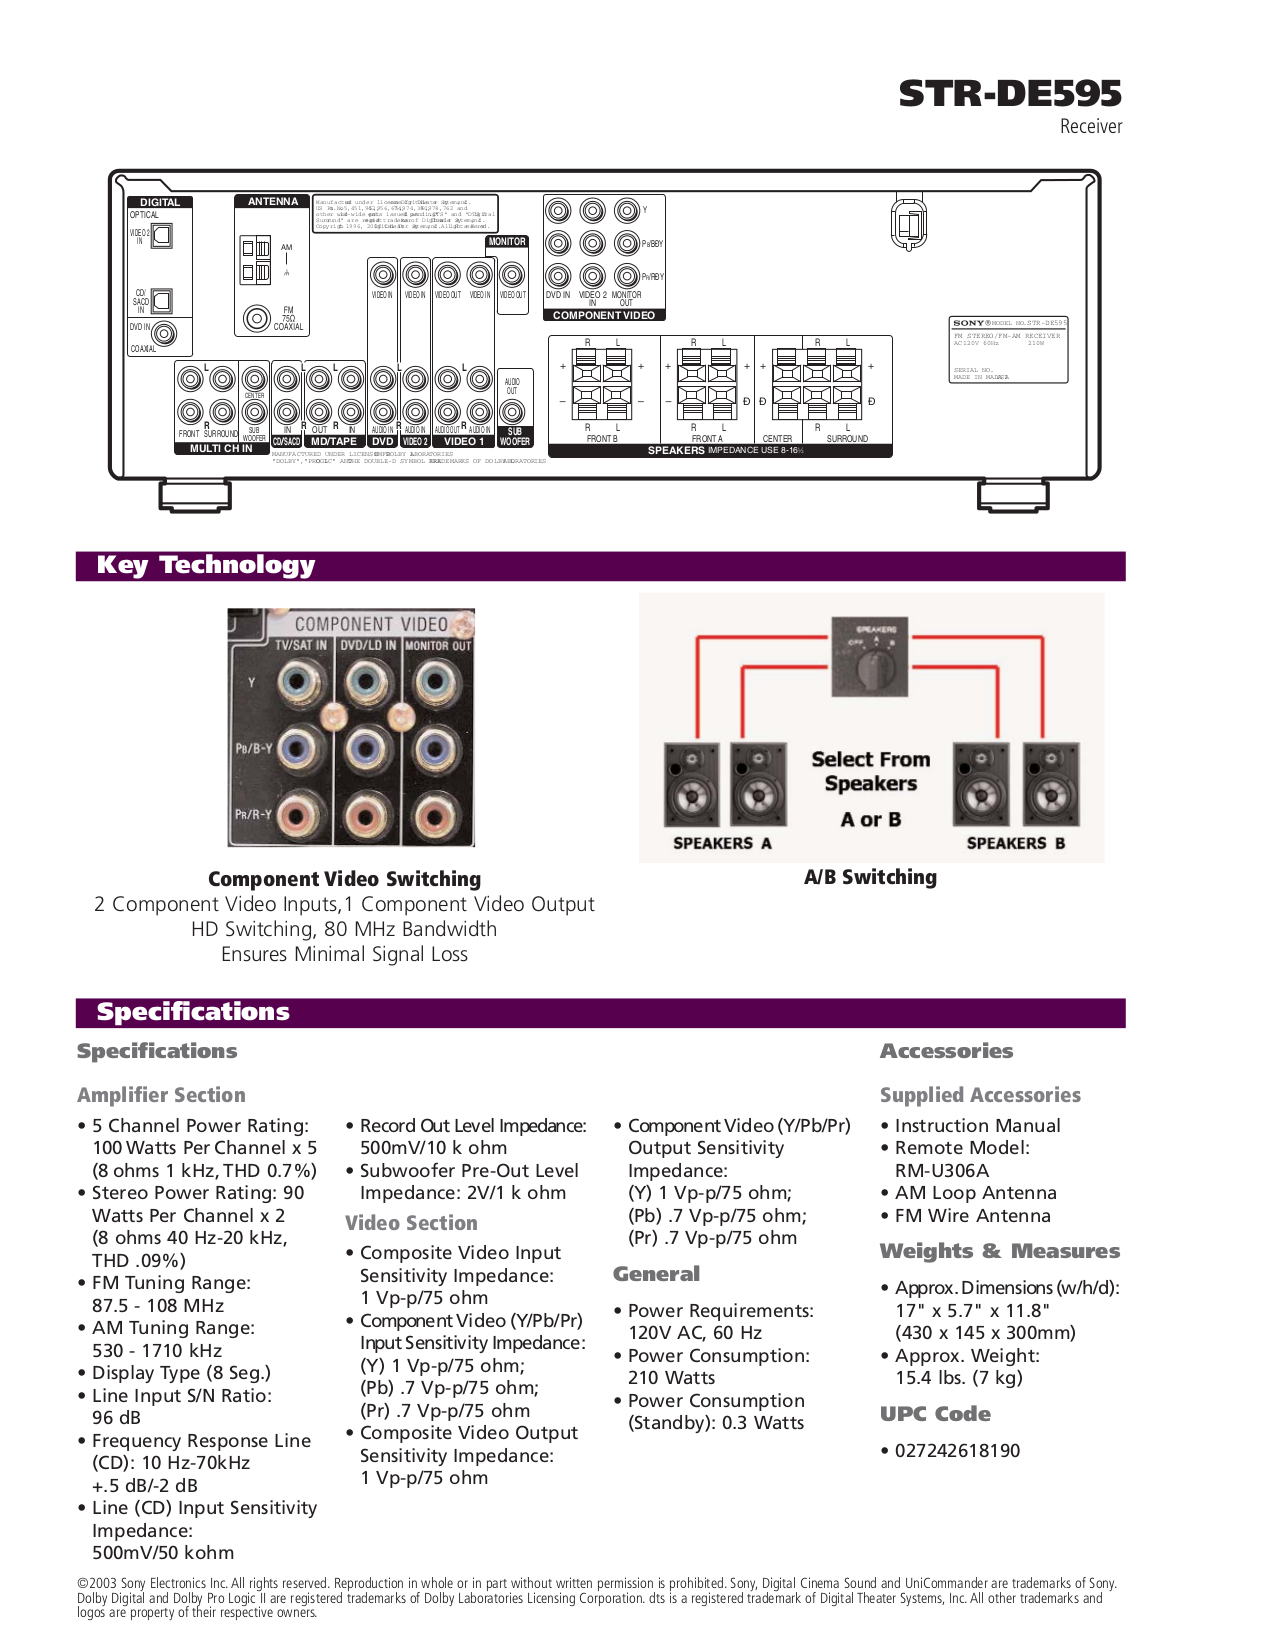 pdf manual for sony receiver str de595 rh umlib com Sony STR- DE585 ATV to Sony STR De595